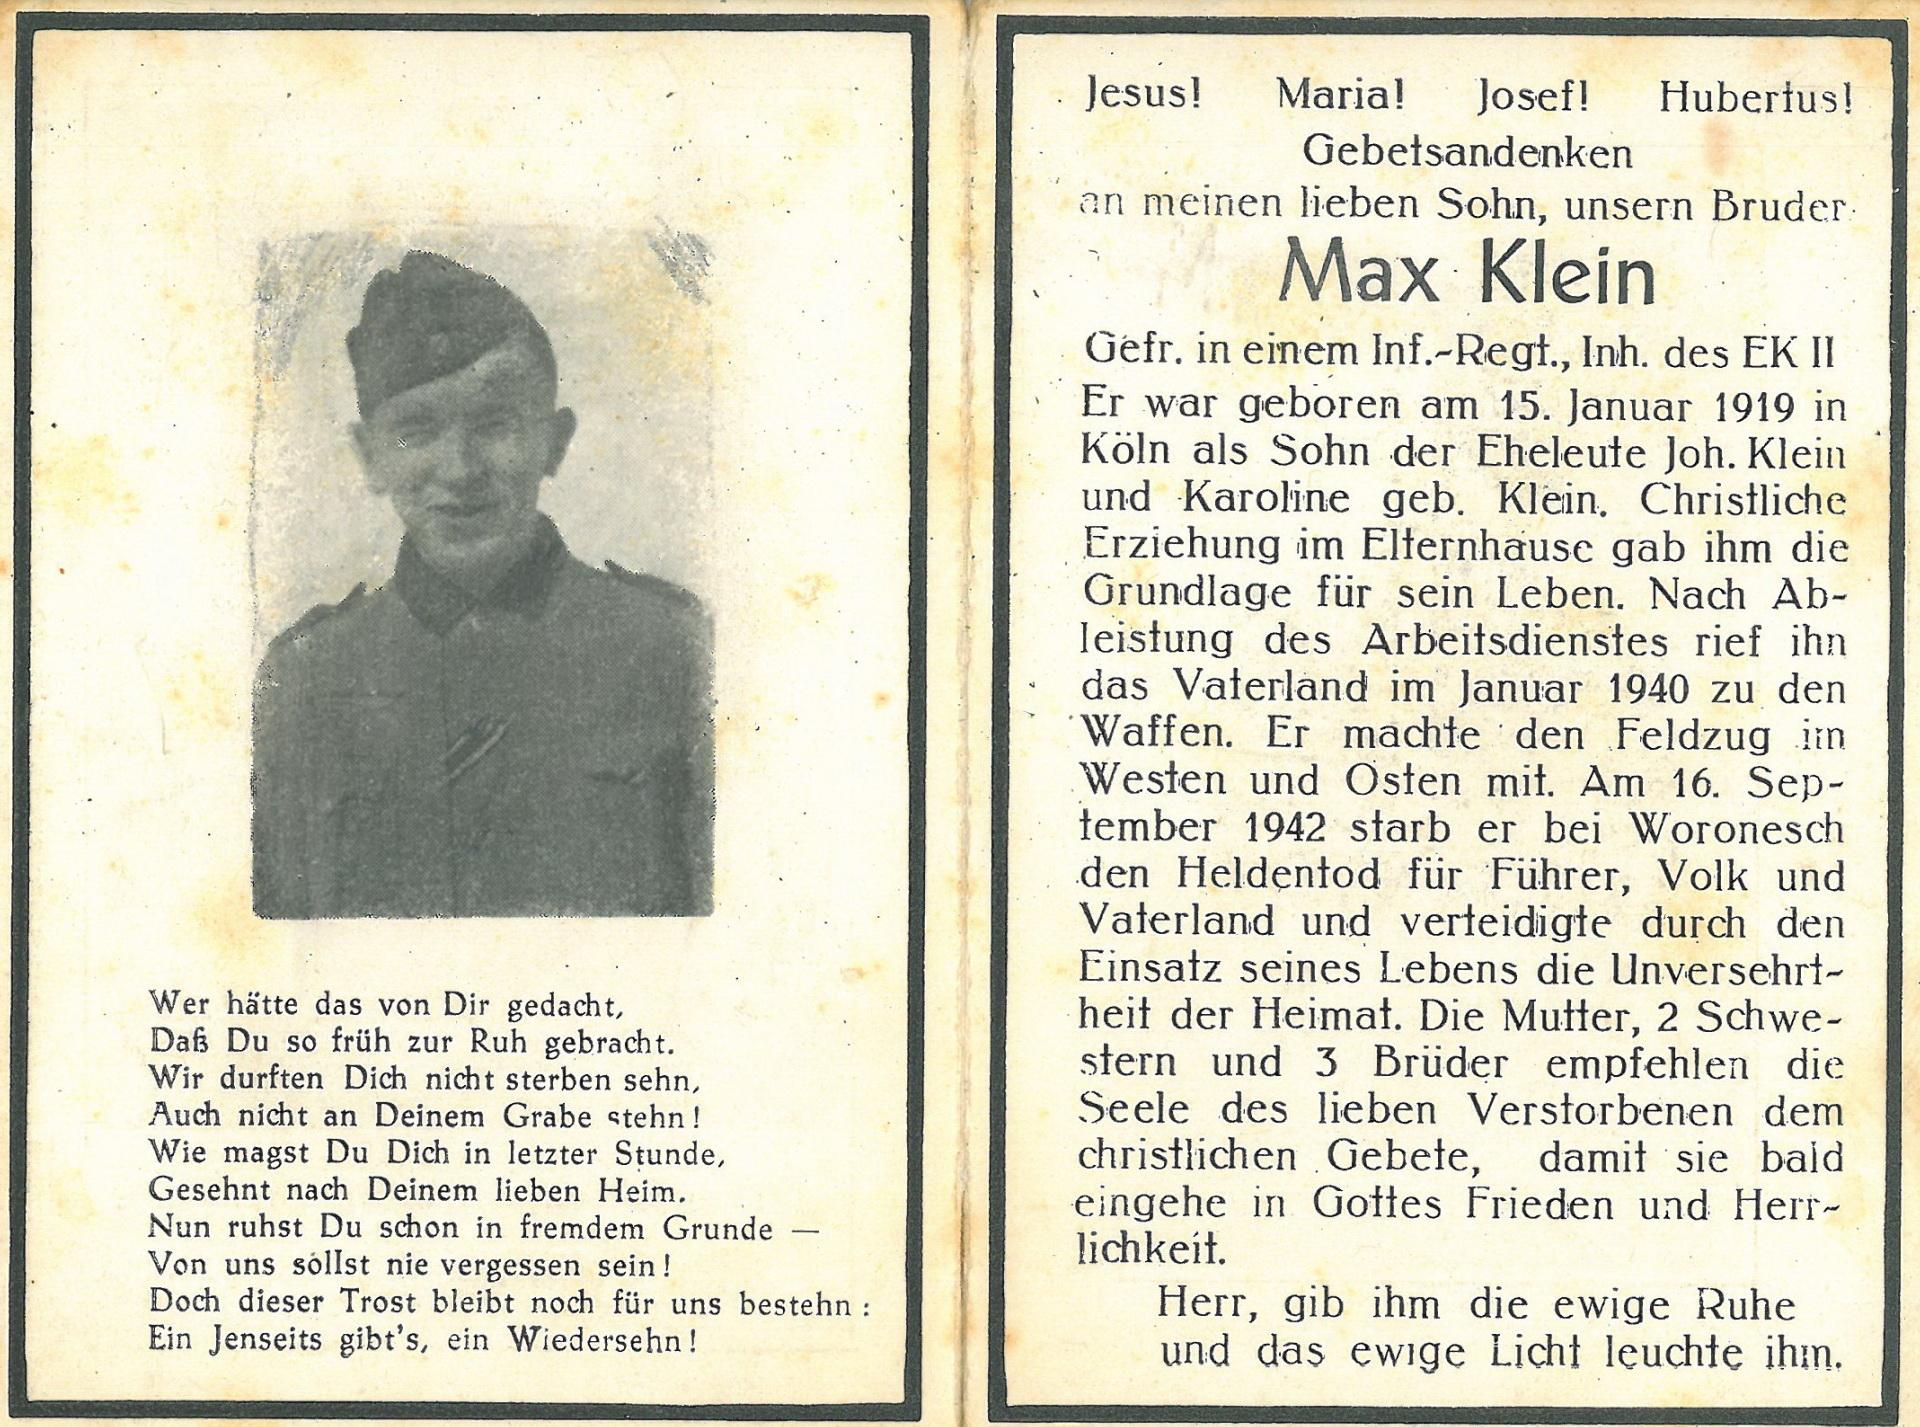 Max Klein, gefallen in Woronesh